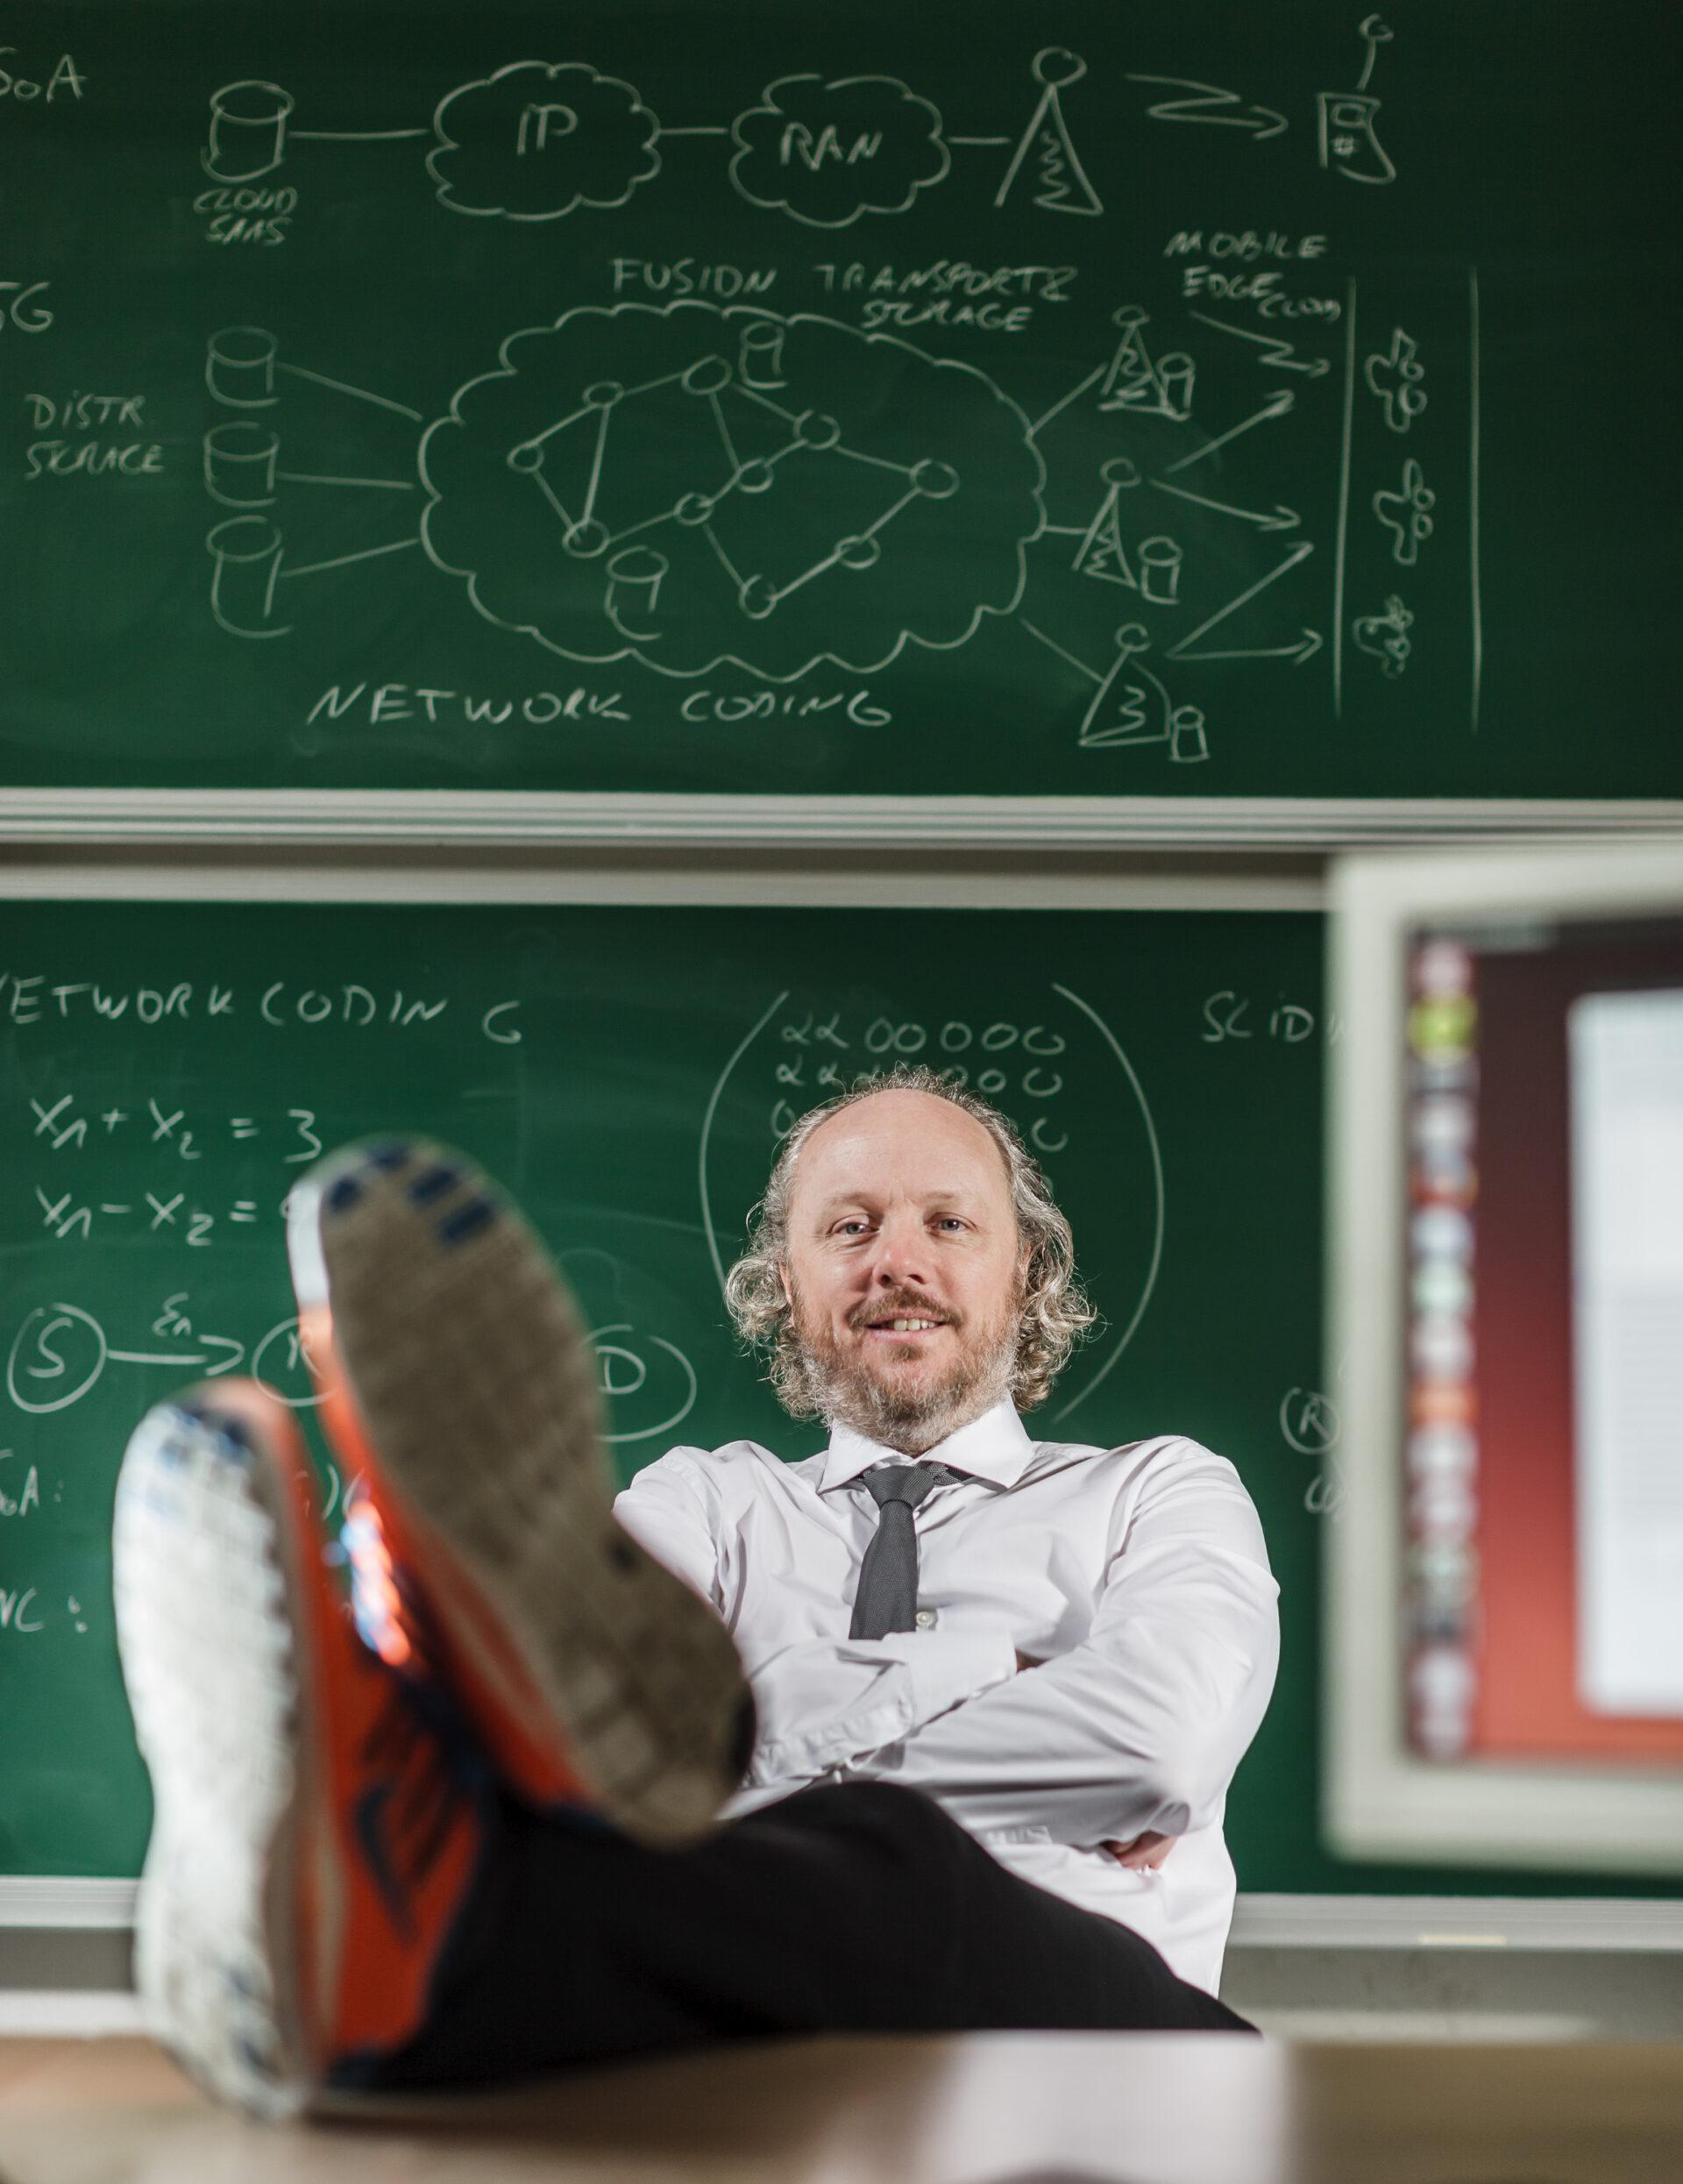 Cool, Forscher, Porträt, Skizze, Tafel, informatik, leger, professor, tu dresden, wissenschaftler